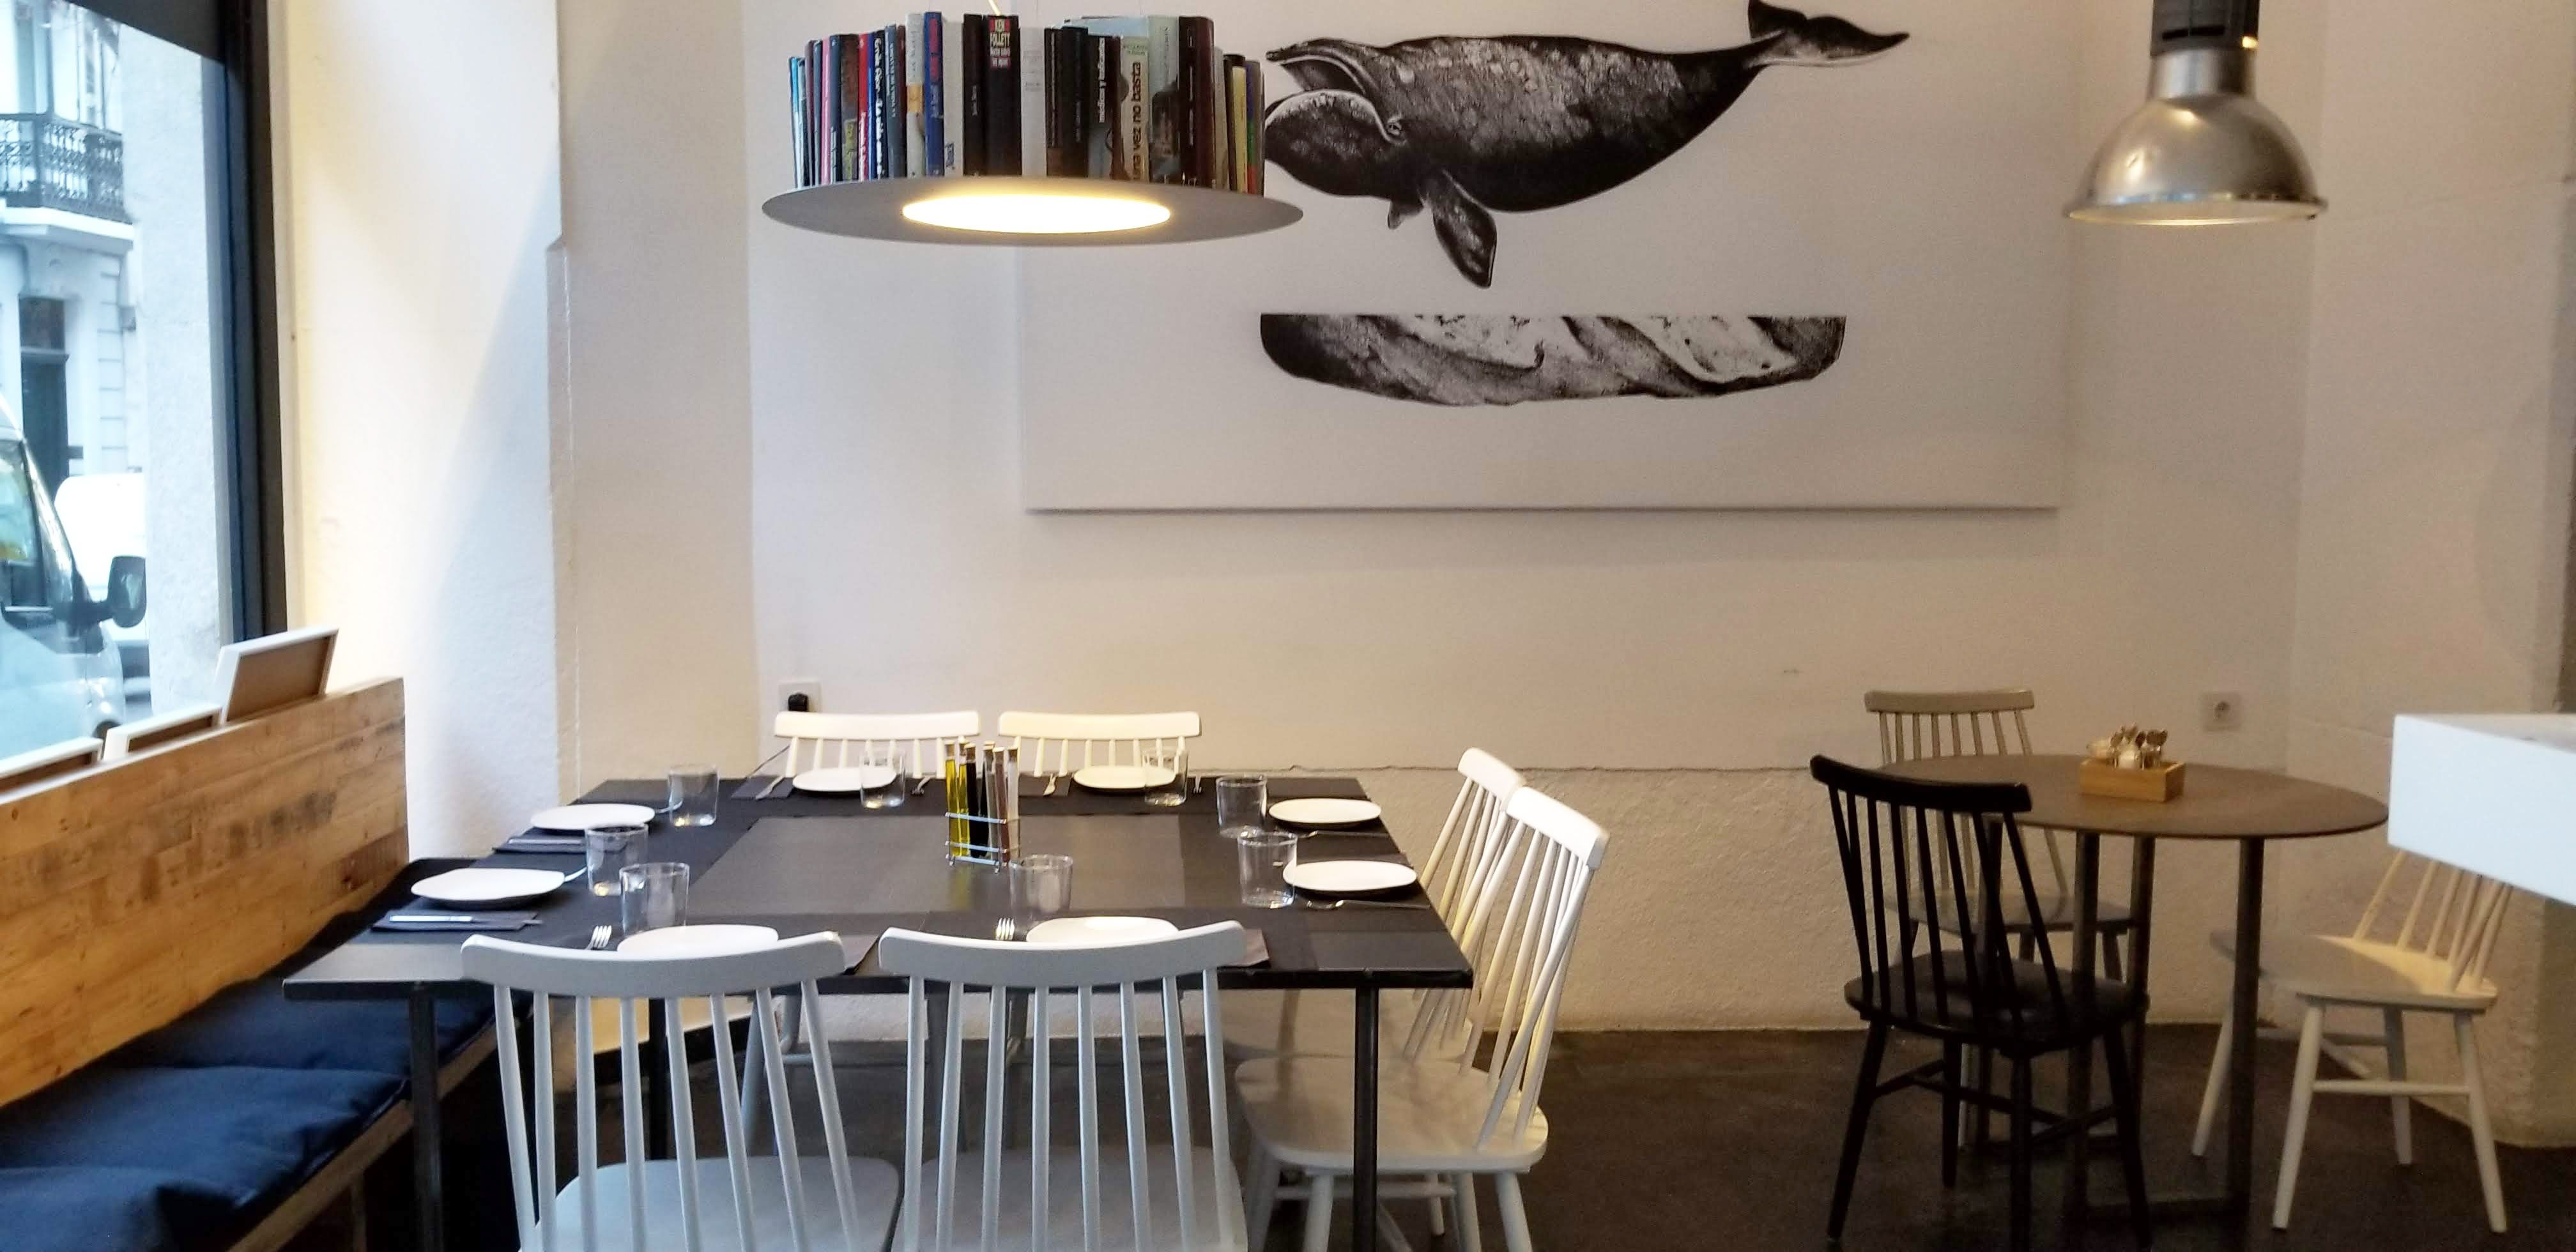 Deli_rant - Restaurantes buenos, bonitos y baratos Madrid